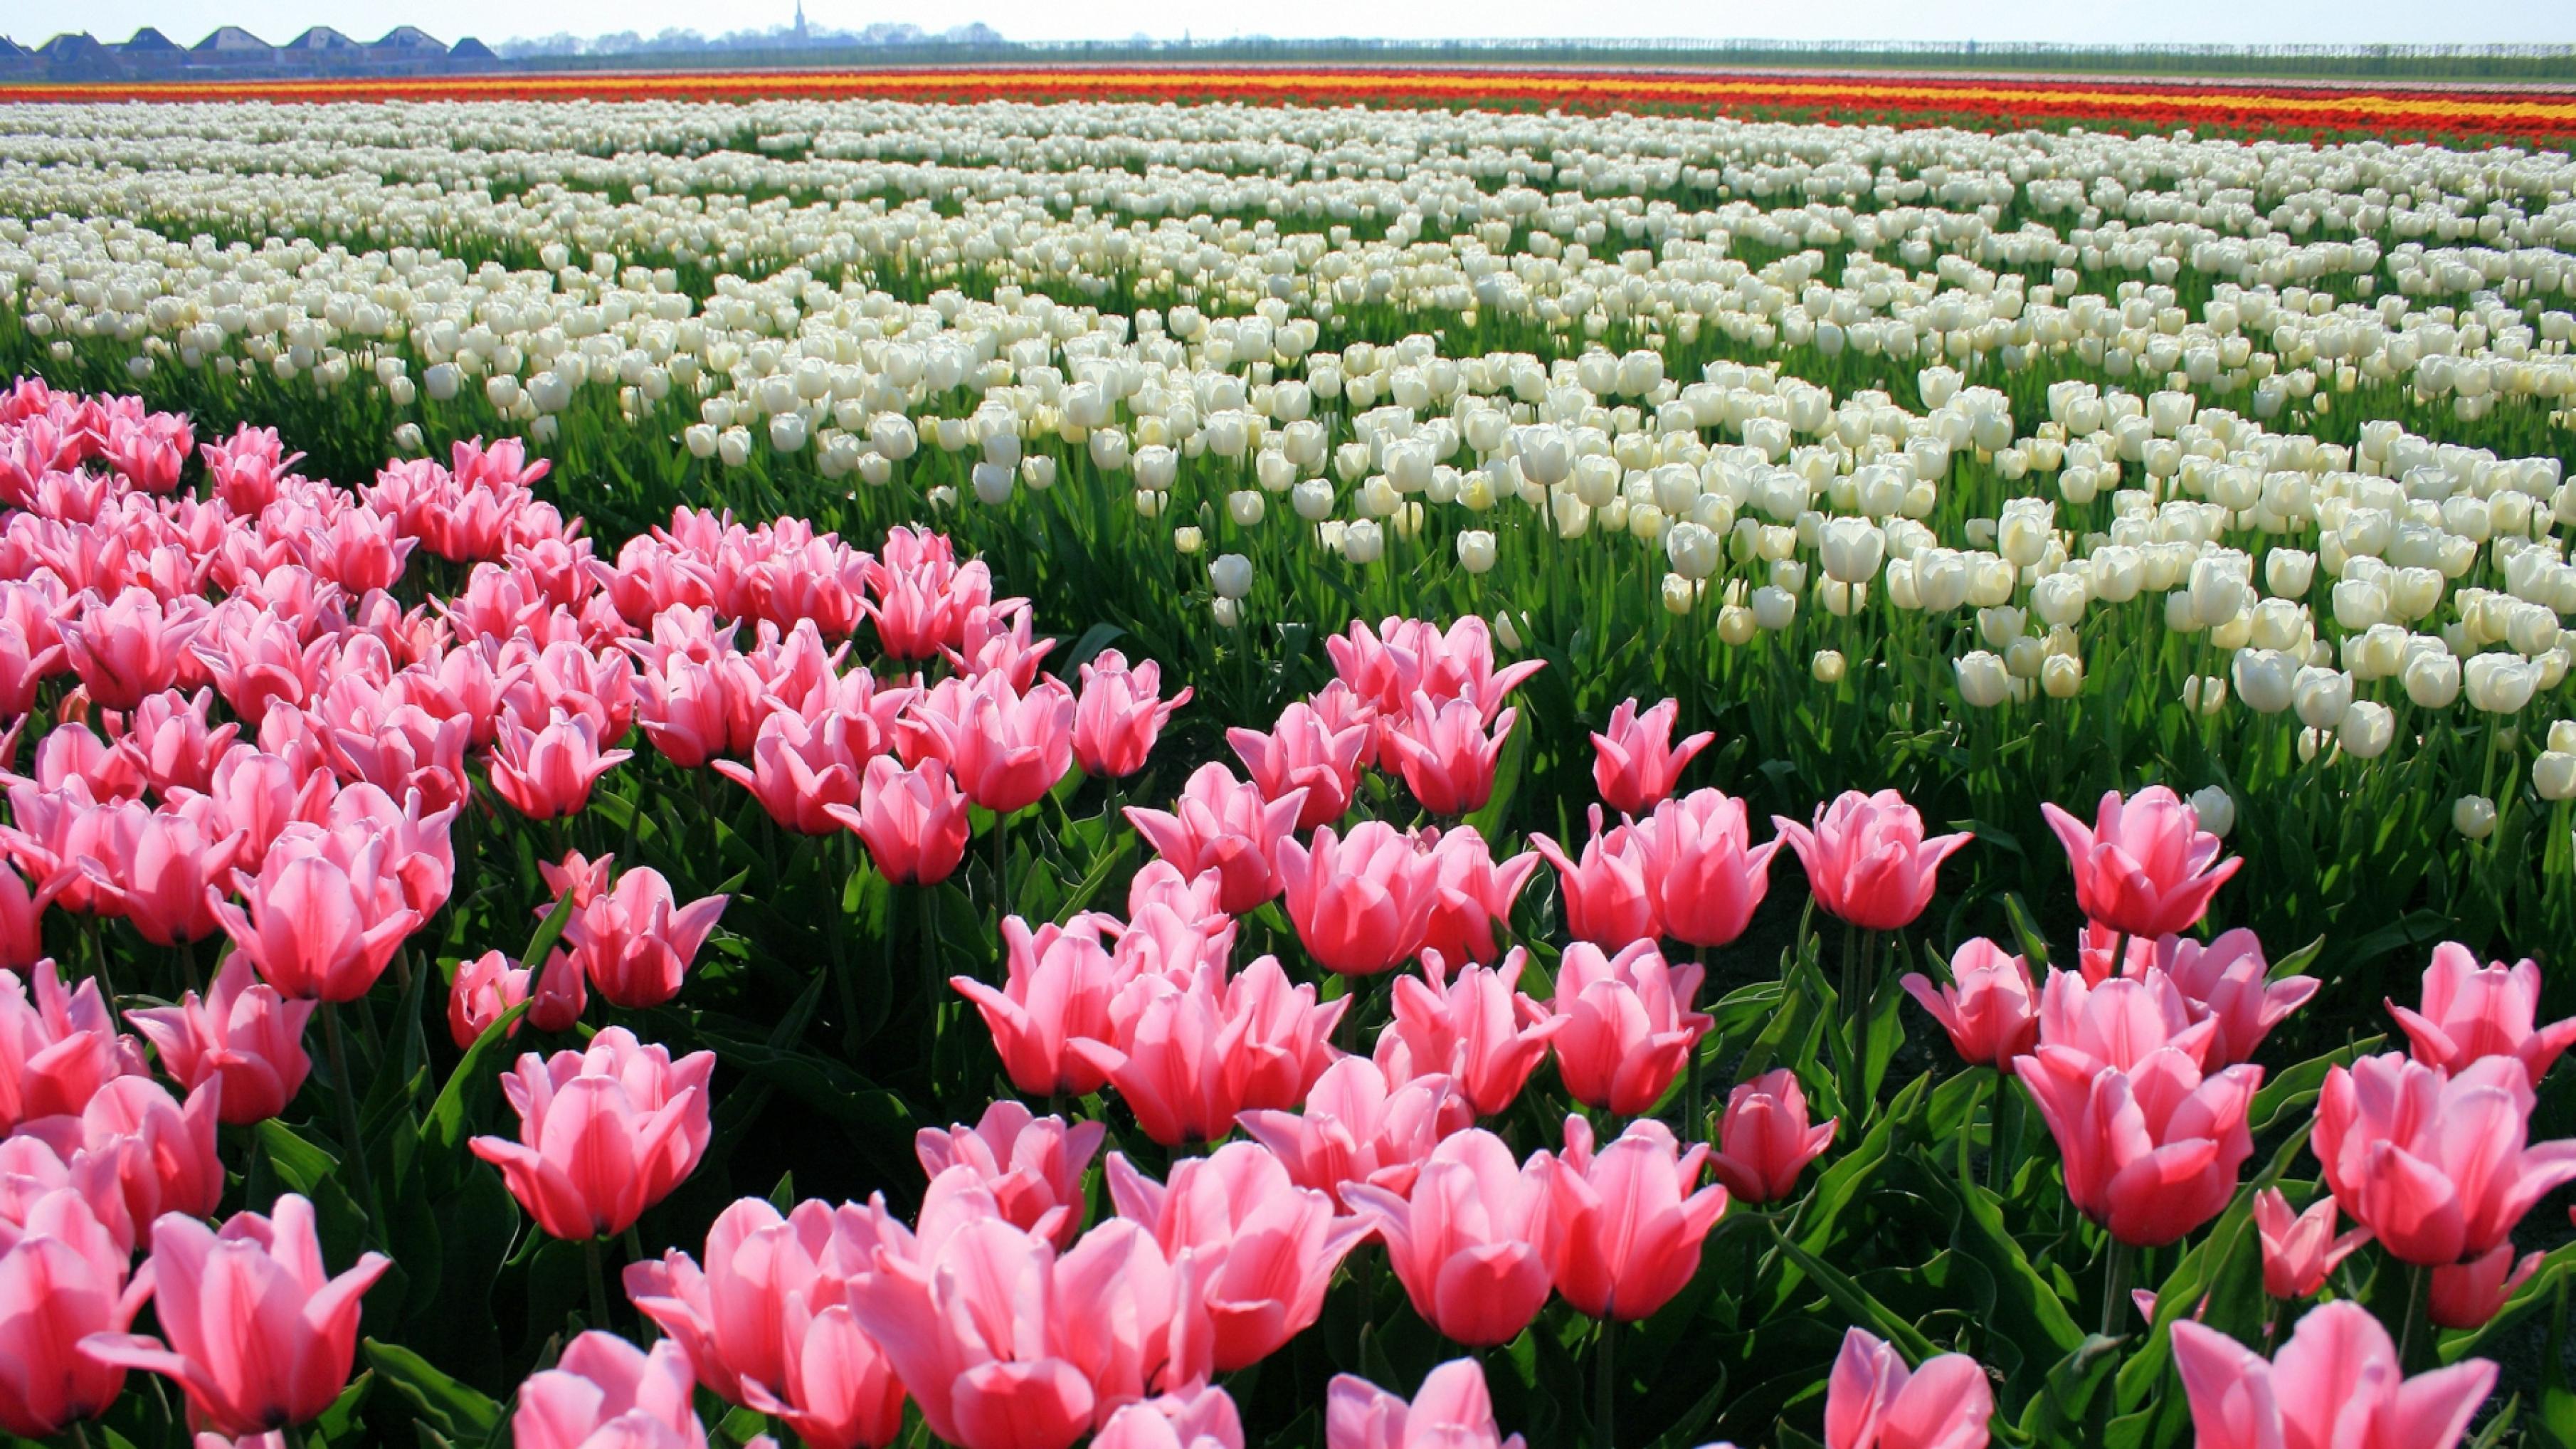 tulip-photo-59